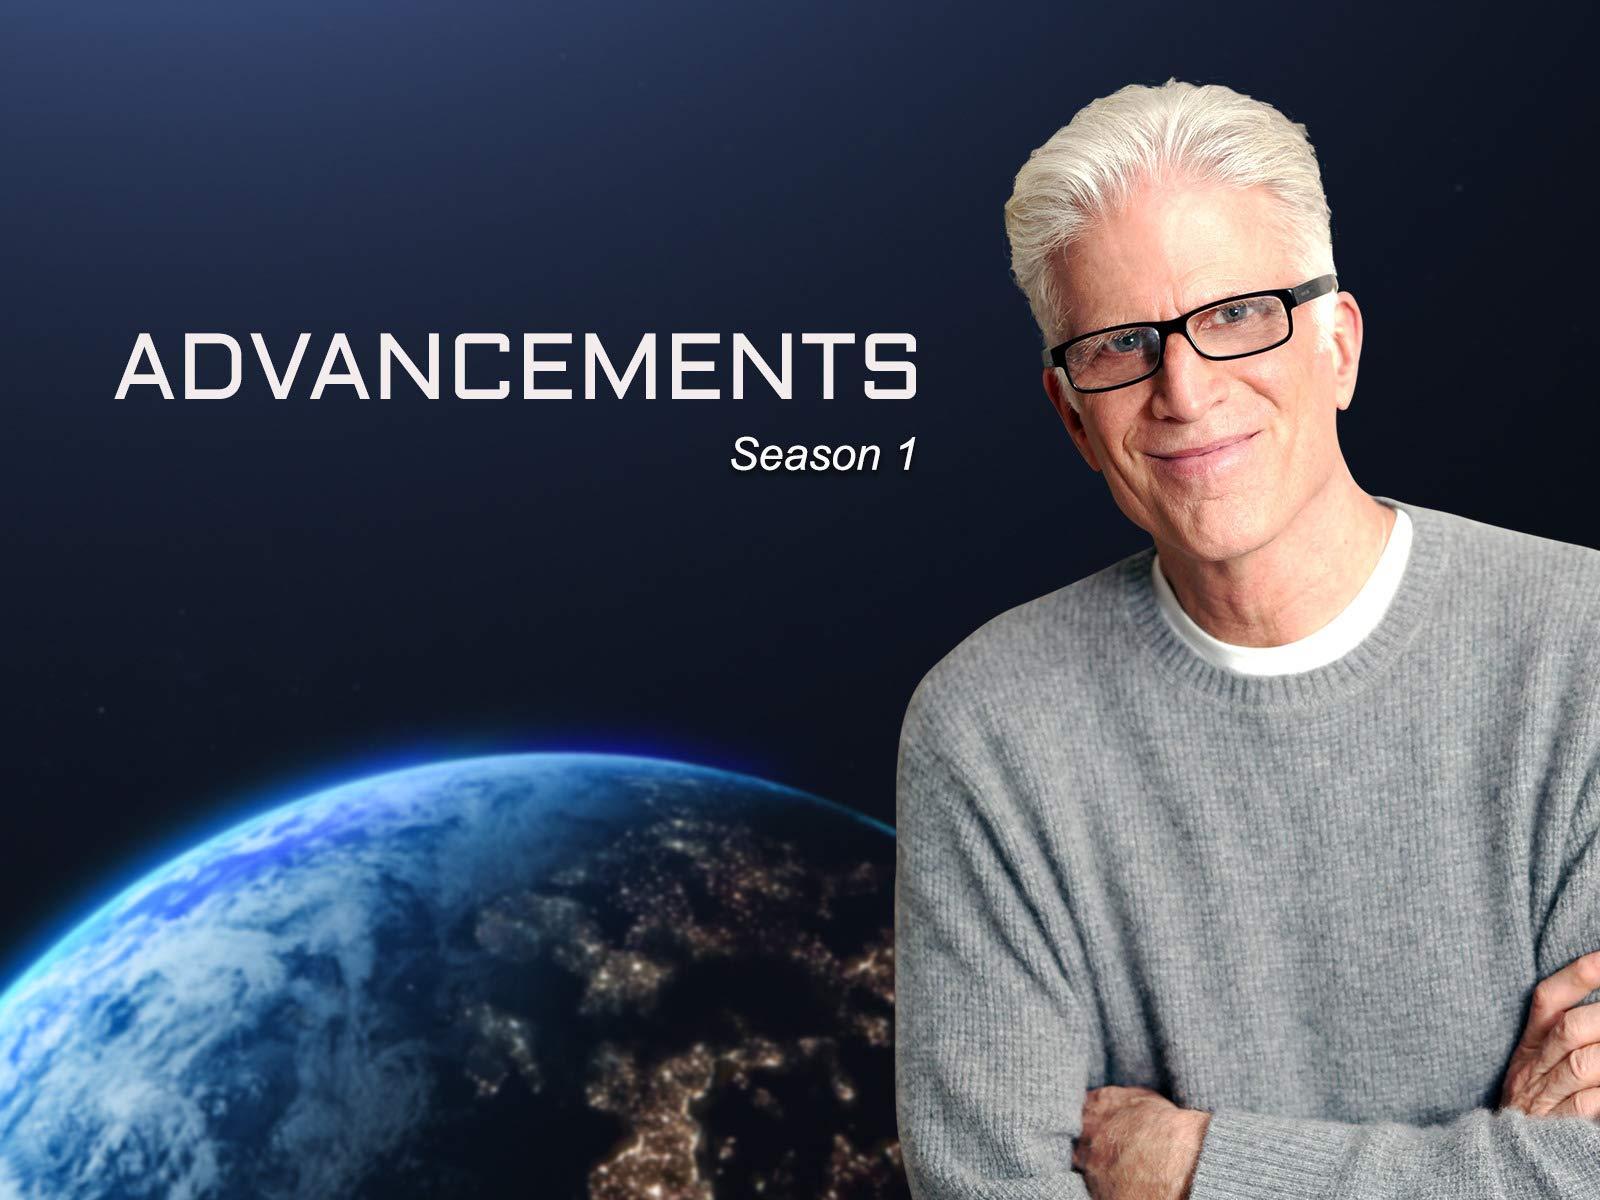 Advancements - Season 1